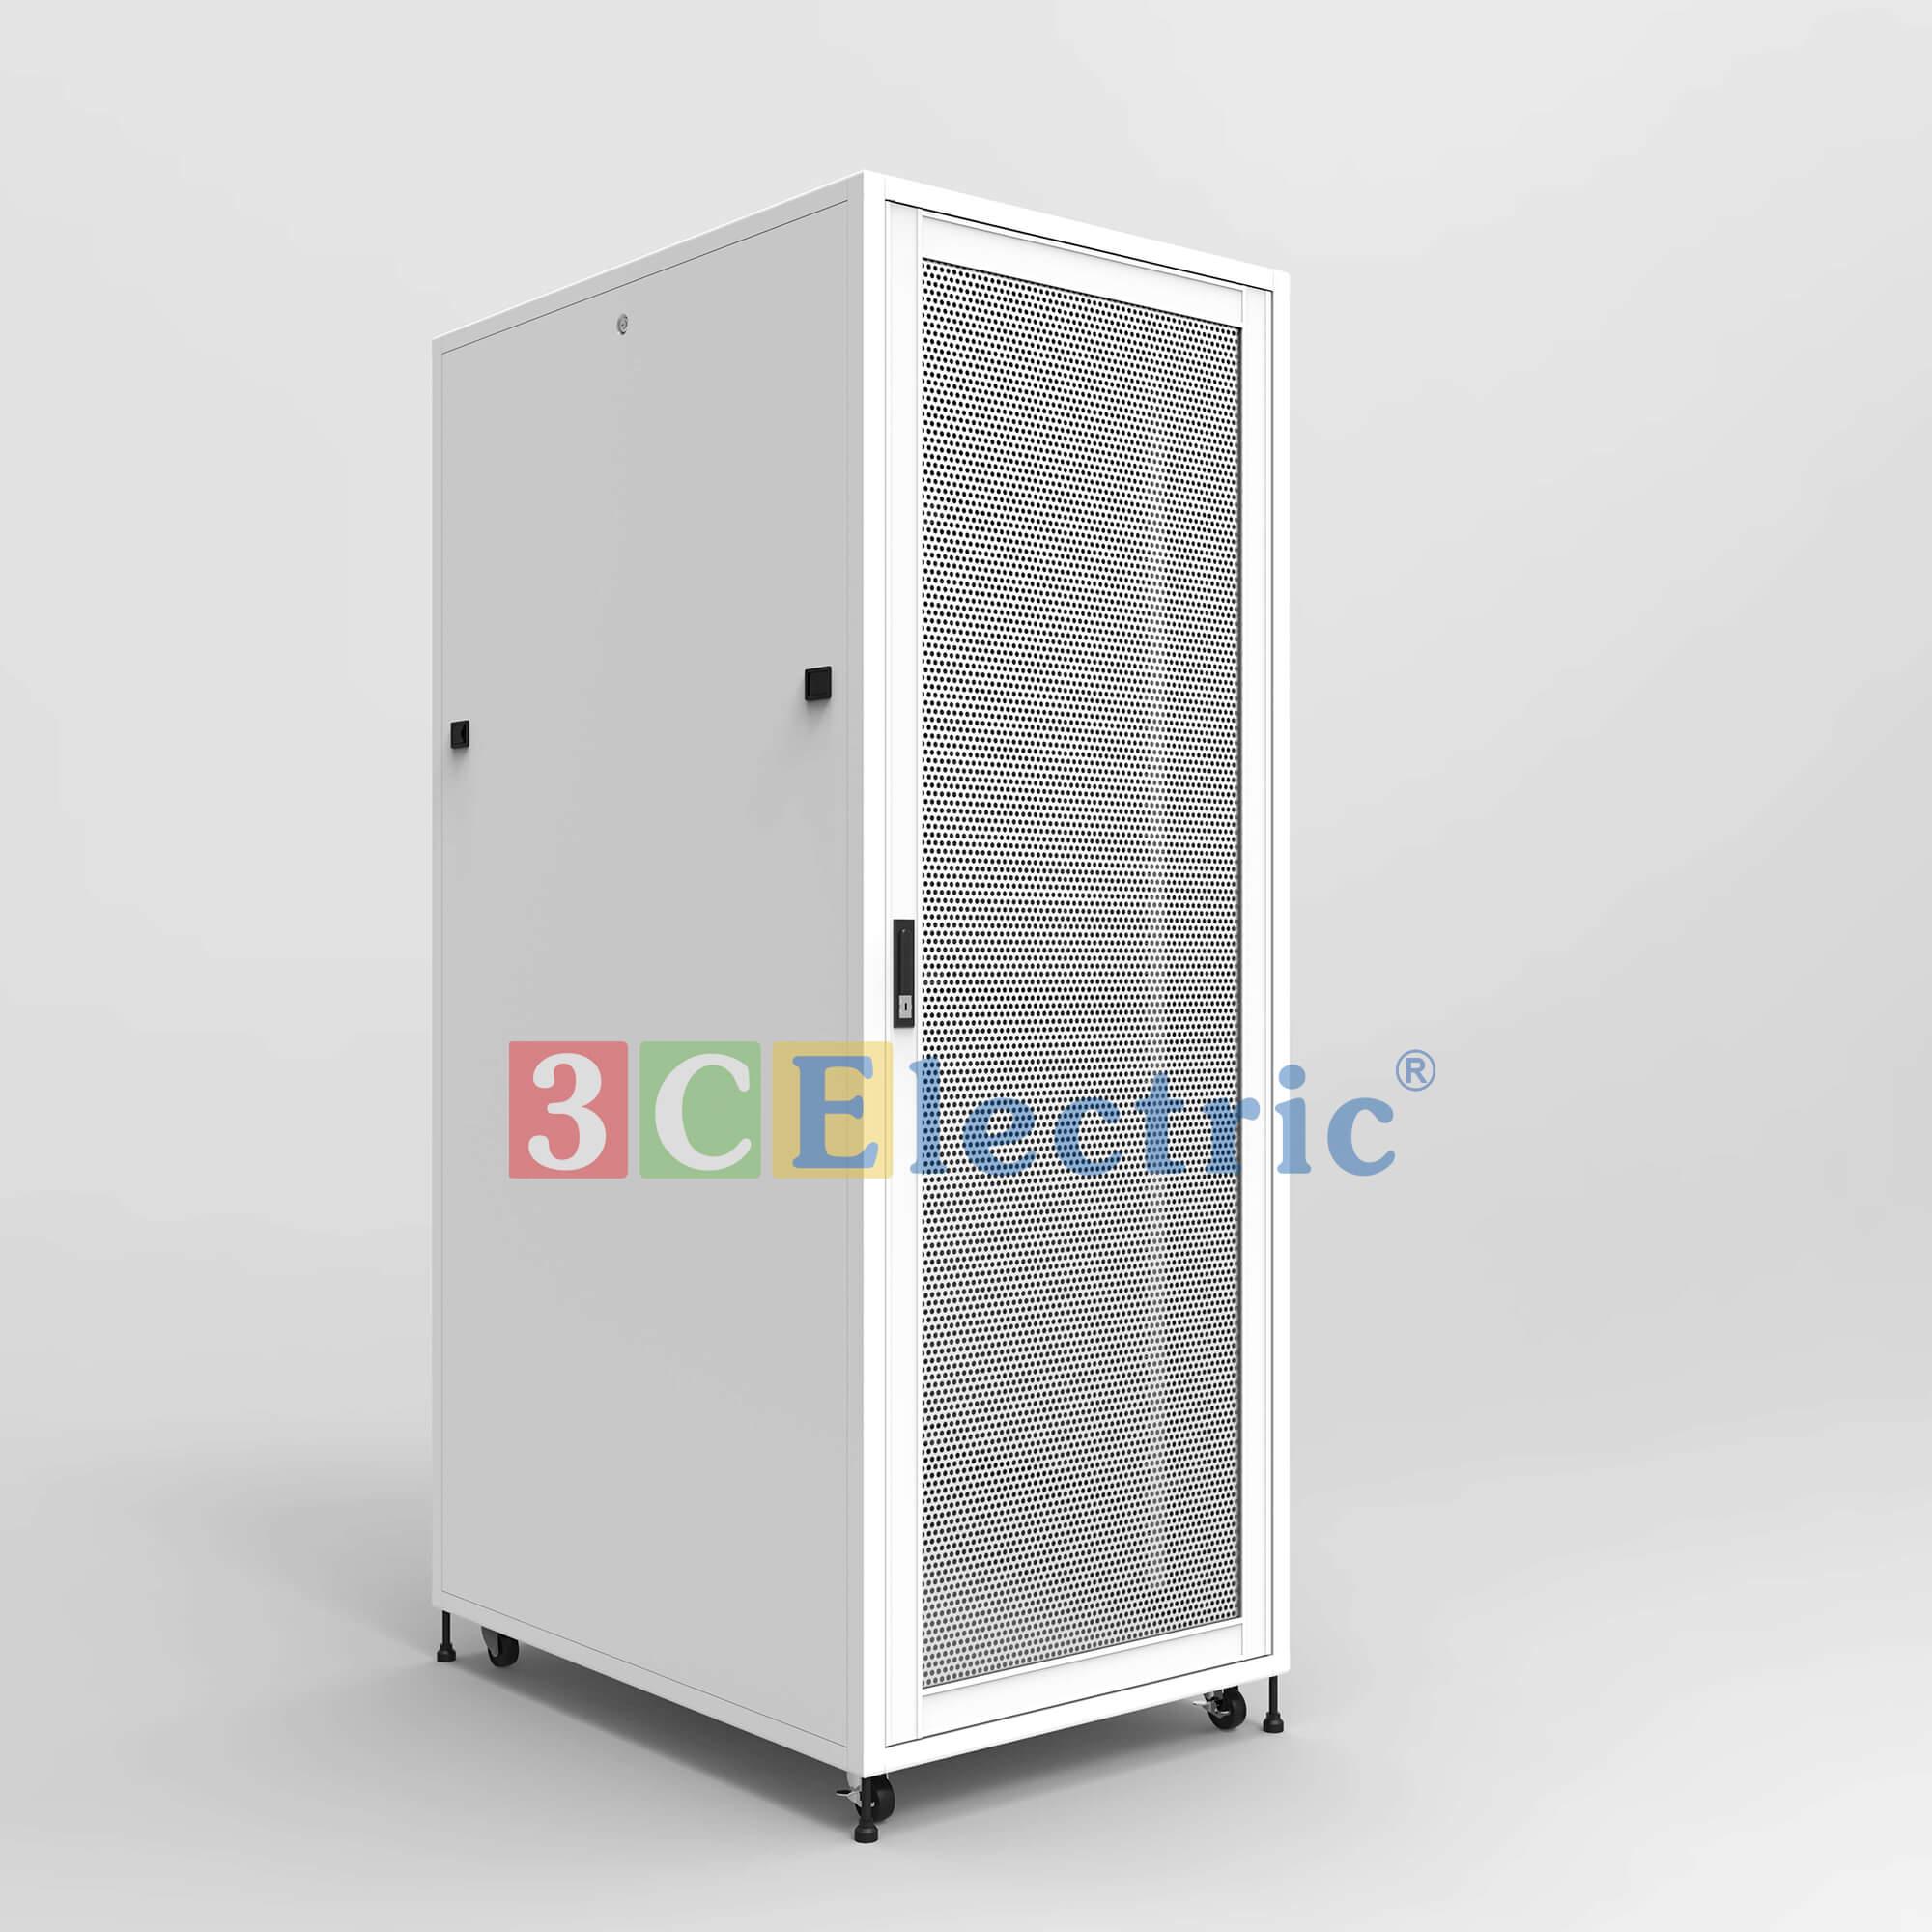 Tủ mạng C-rack, tủ rack 3CElectric